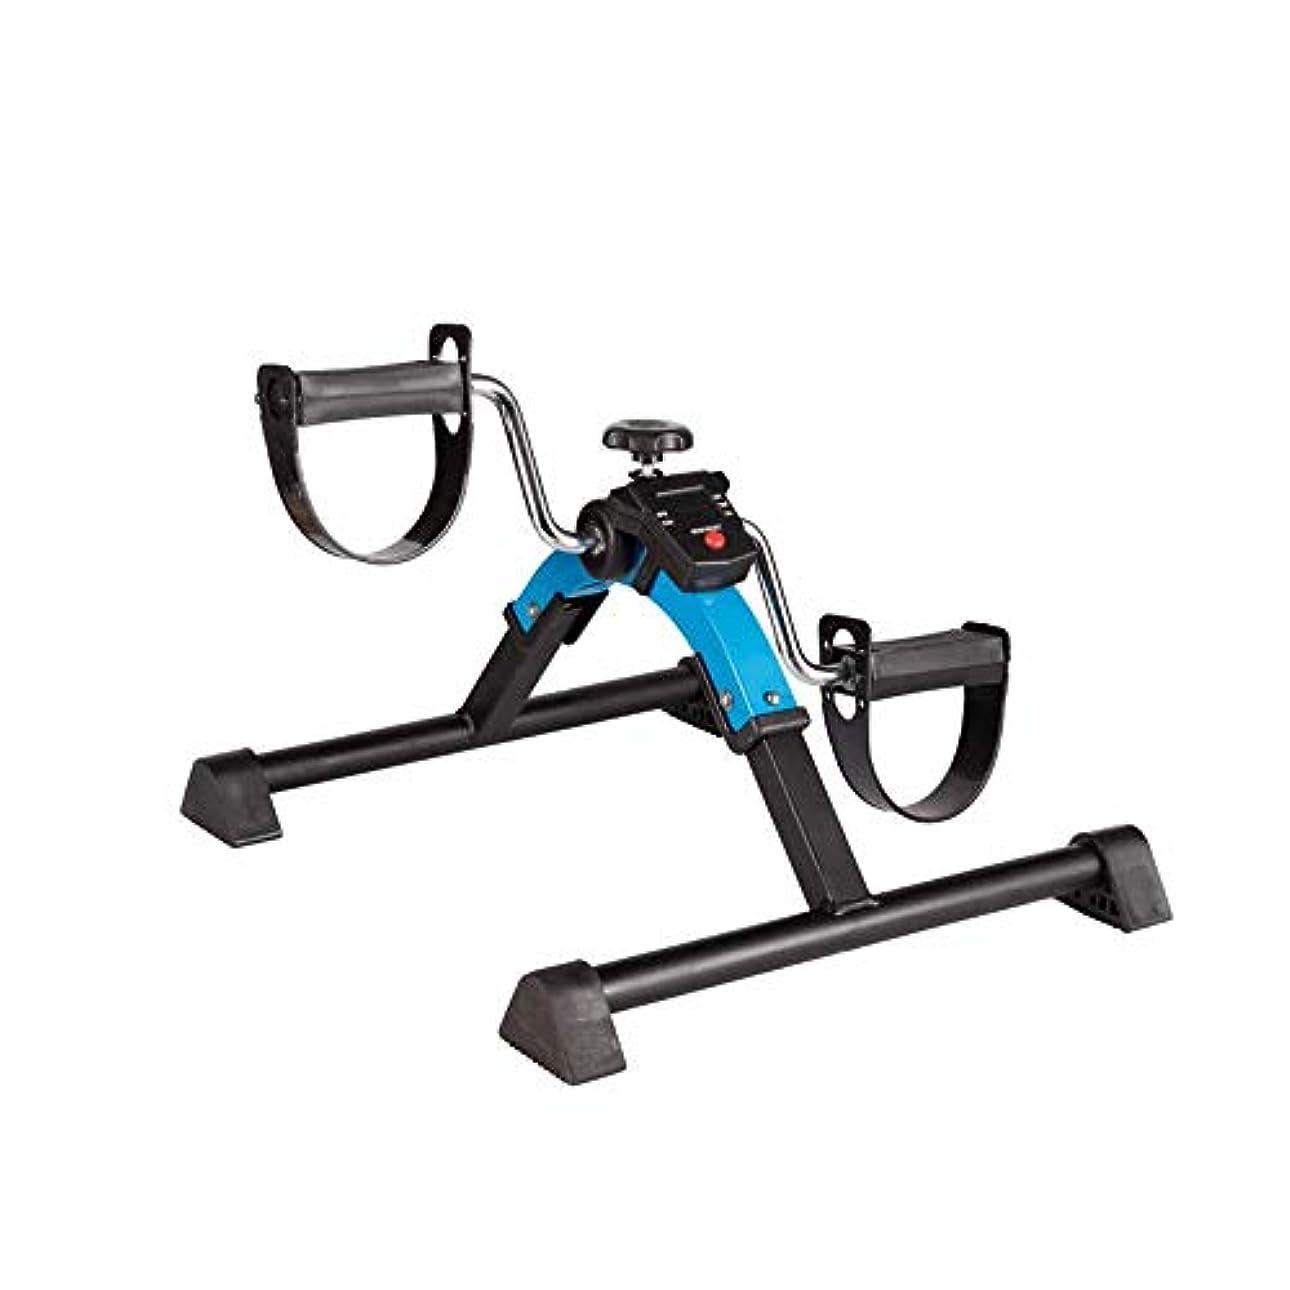 合図神話根絶する上肢および下肢エクササイズペダル、レッグマシン、リハビリトレーニング機器、脳卒中、片麻痺、手足、二重使用自転車